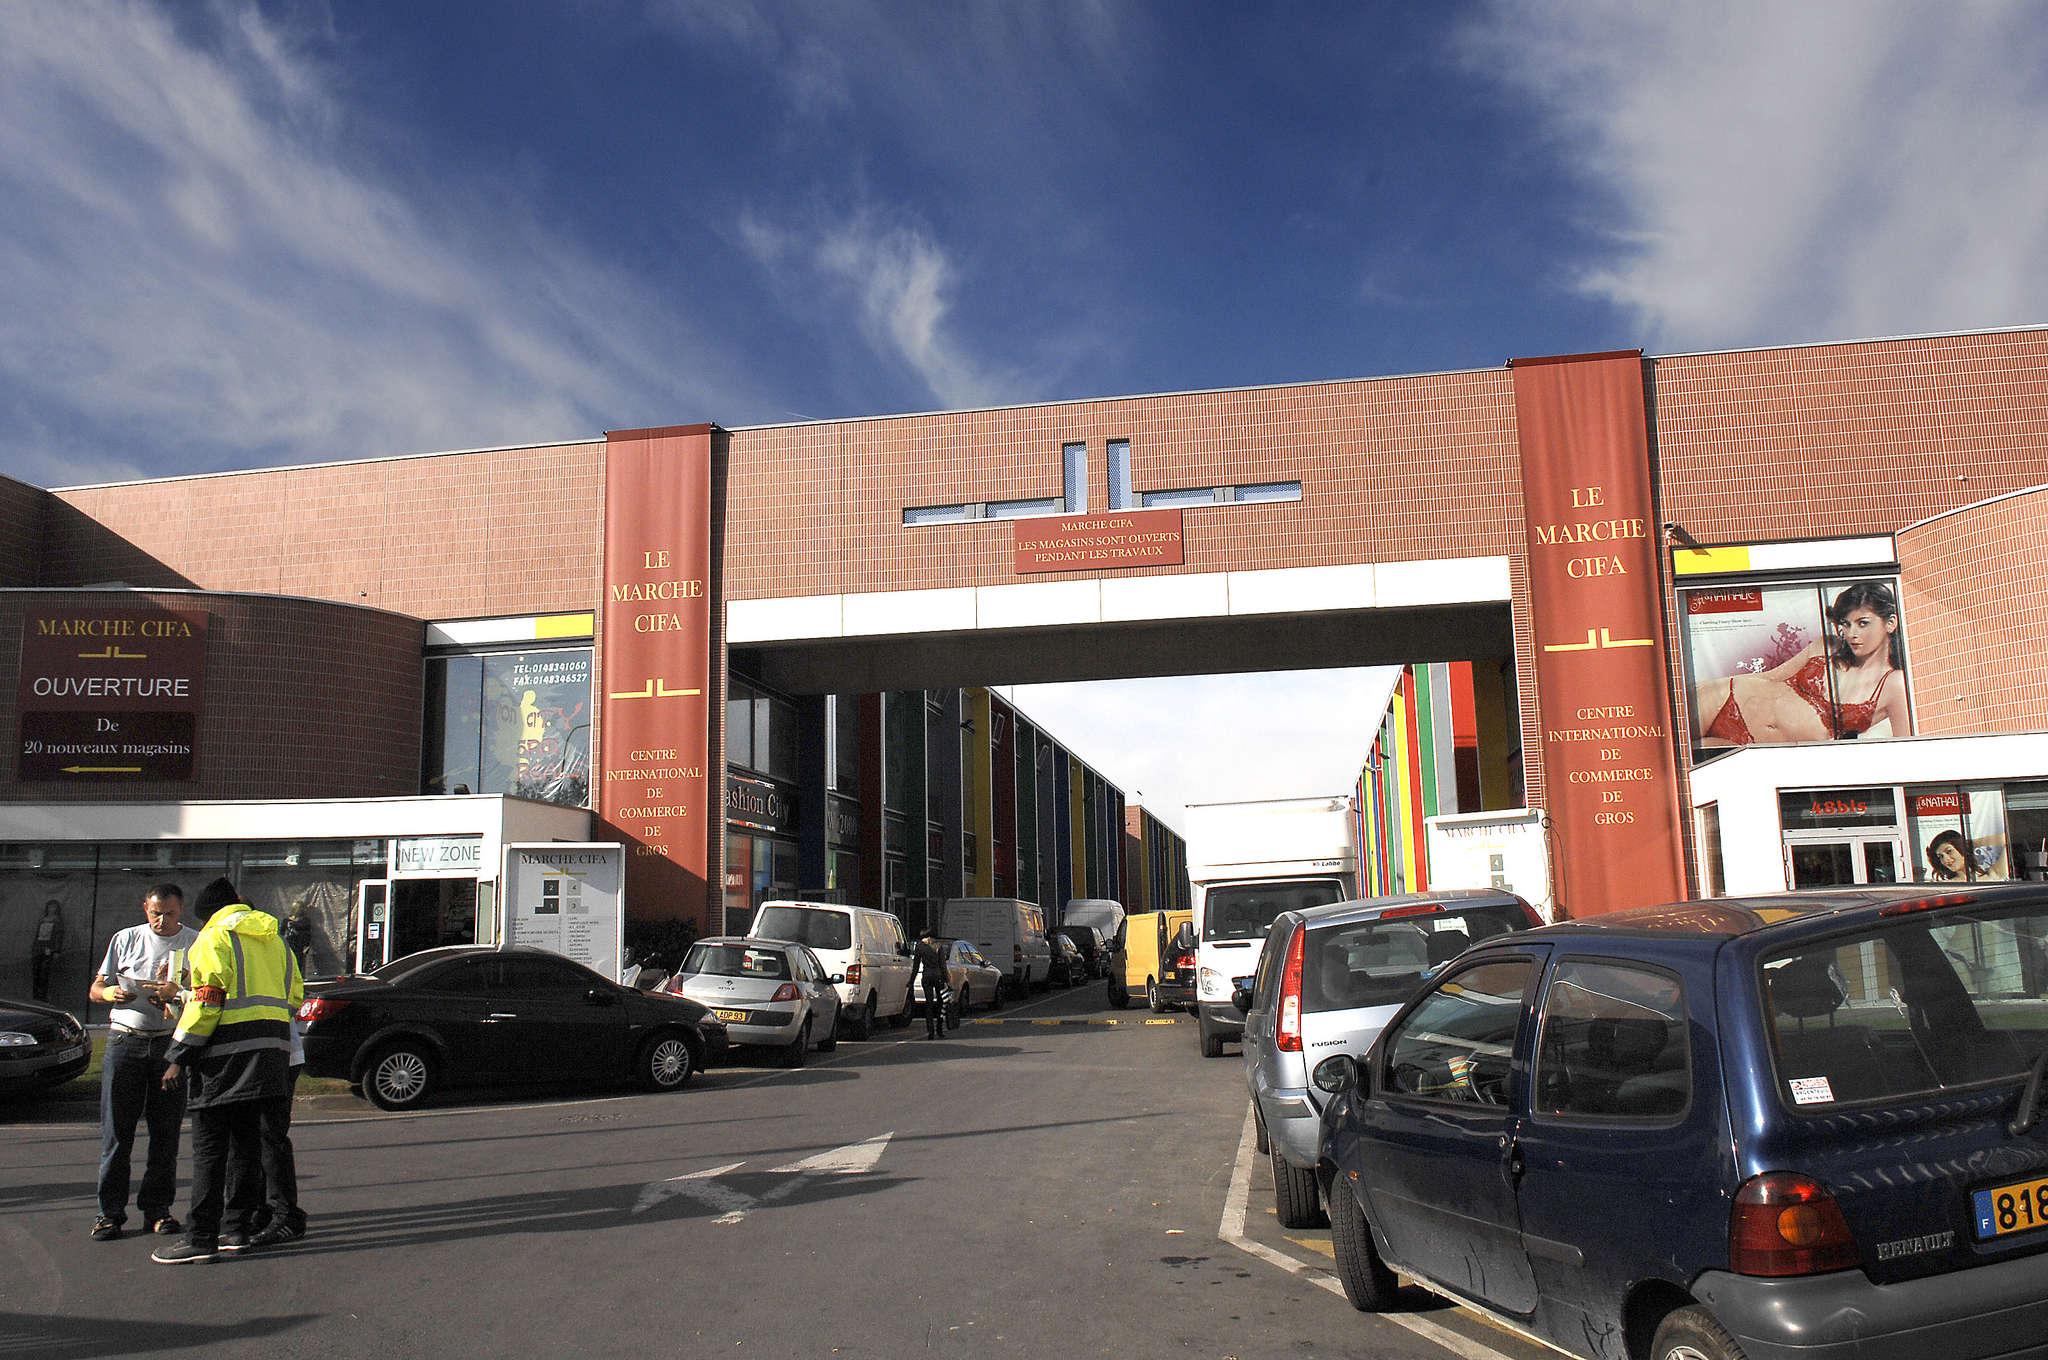 Aubervilliers le cifa centre commerciaux 1074 france - Porte d aubervilliers centre commercial ...